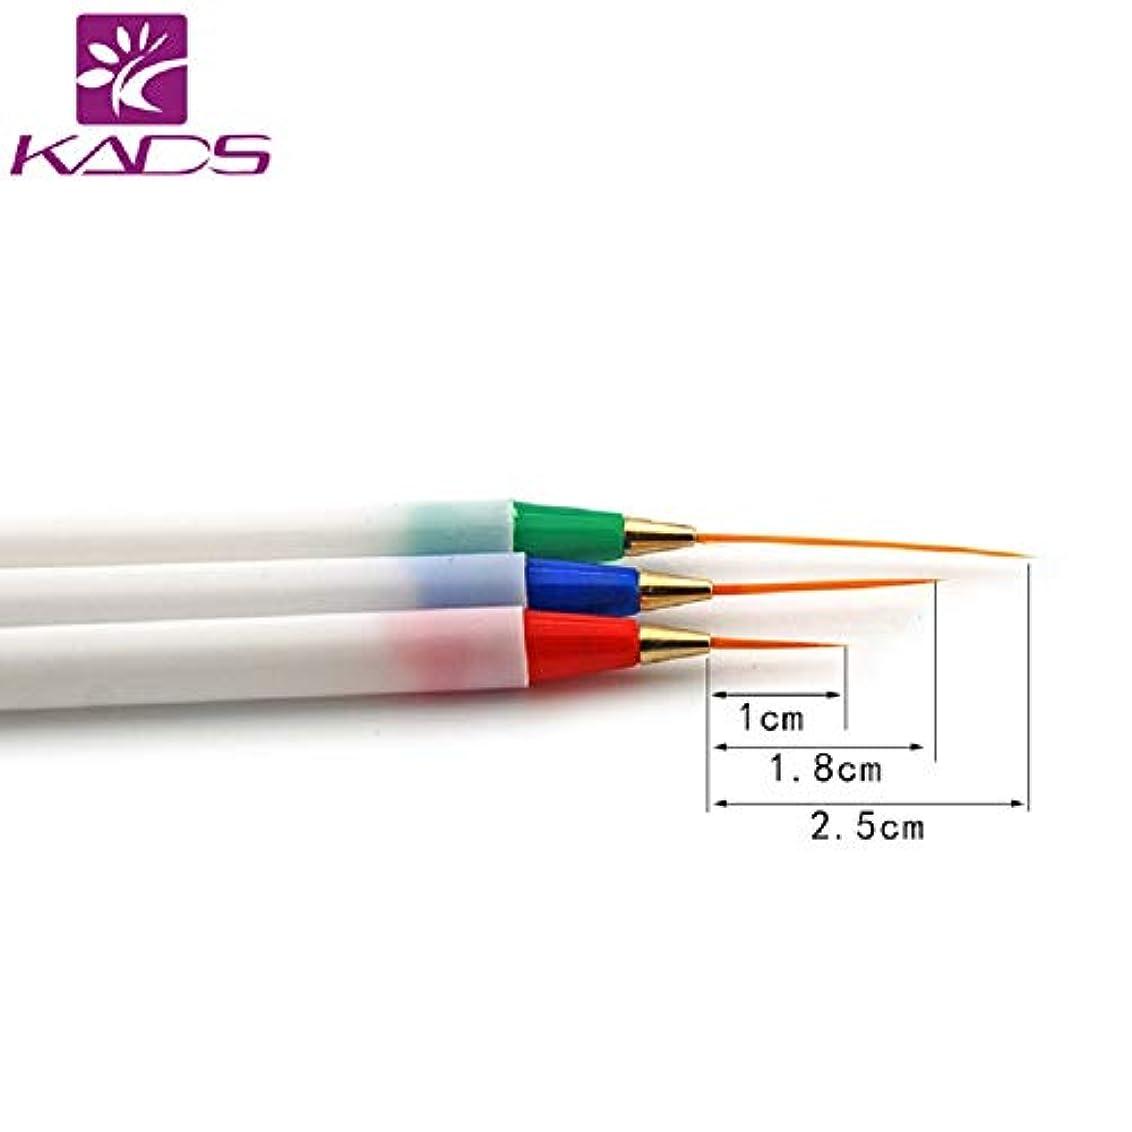 提唱する煙突粘性のKADS 3本/セット 極細ネイルアートブラシ 描画筆 ネイル筆セット面相筆